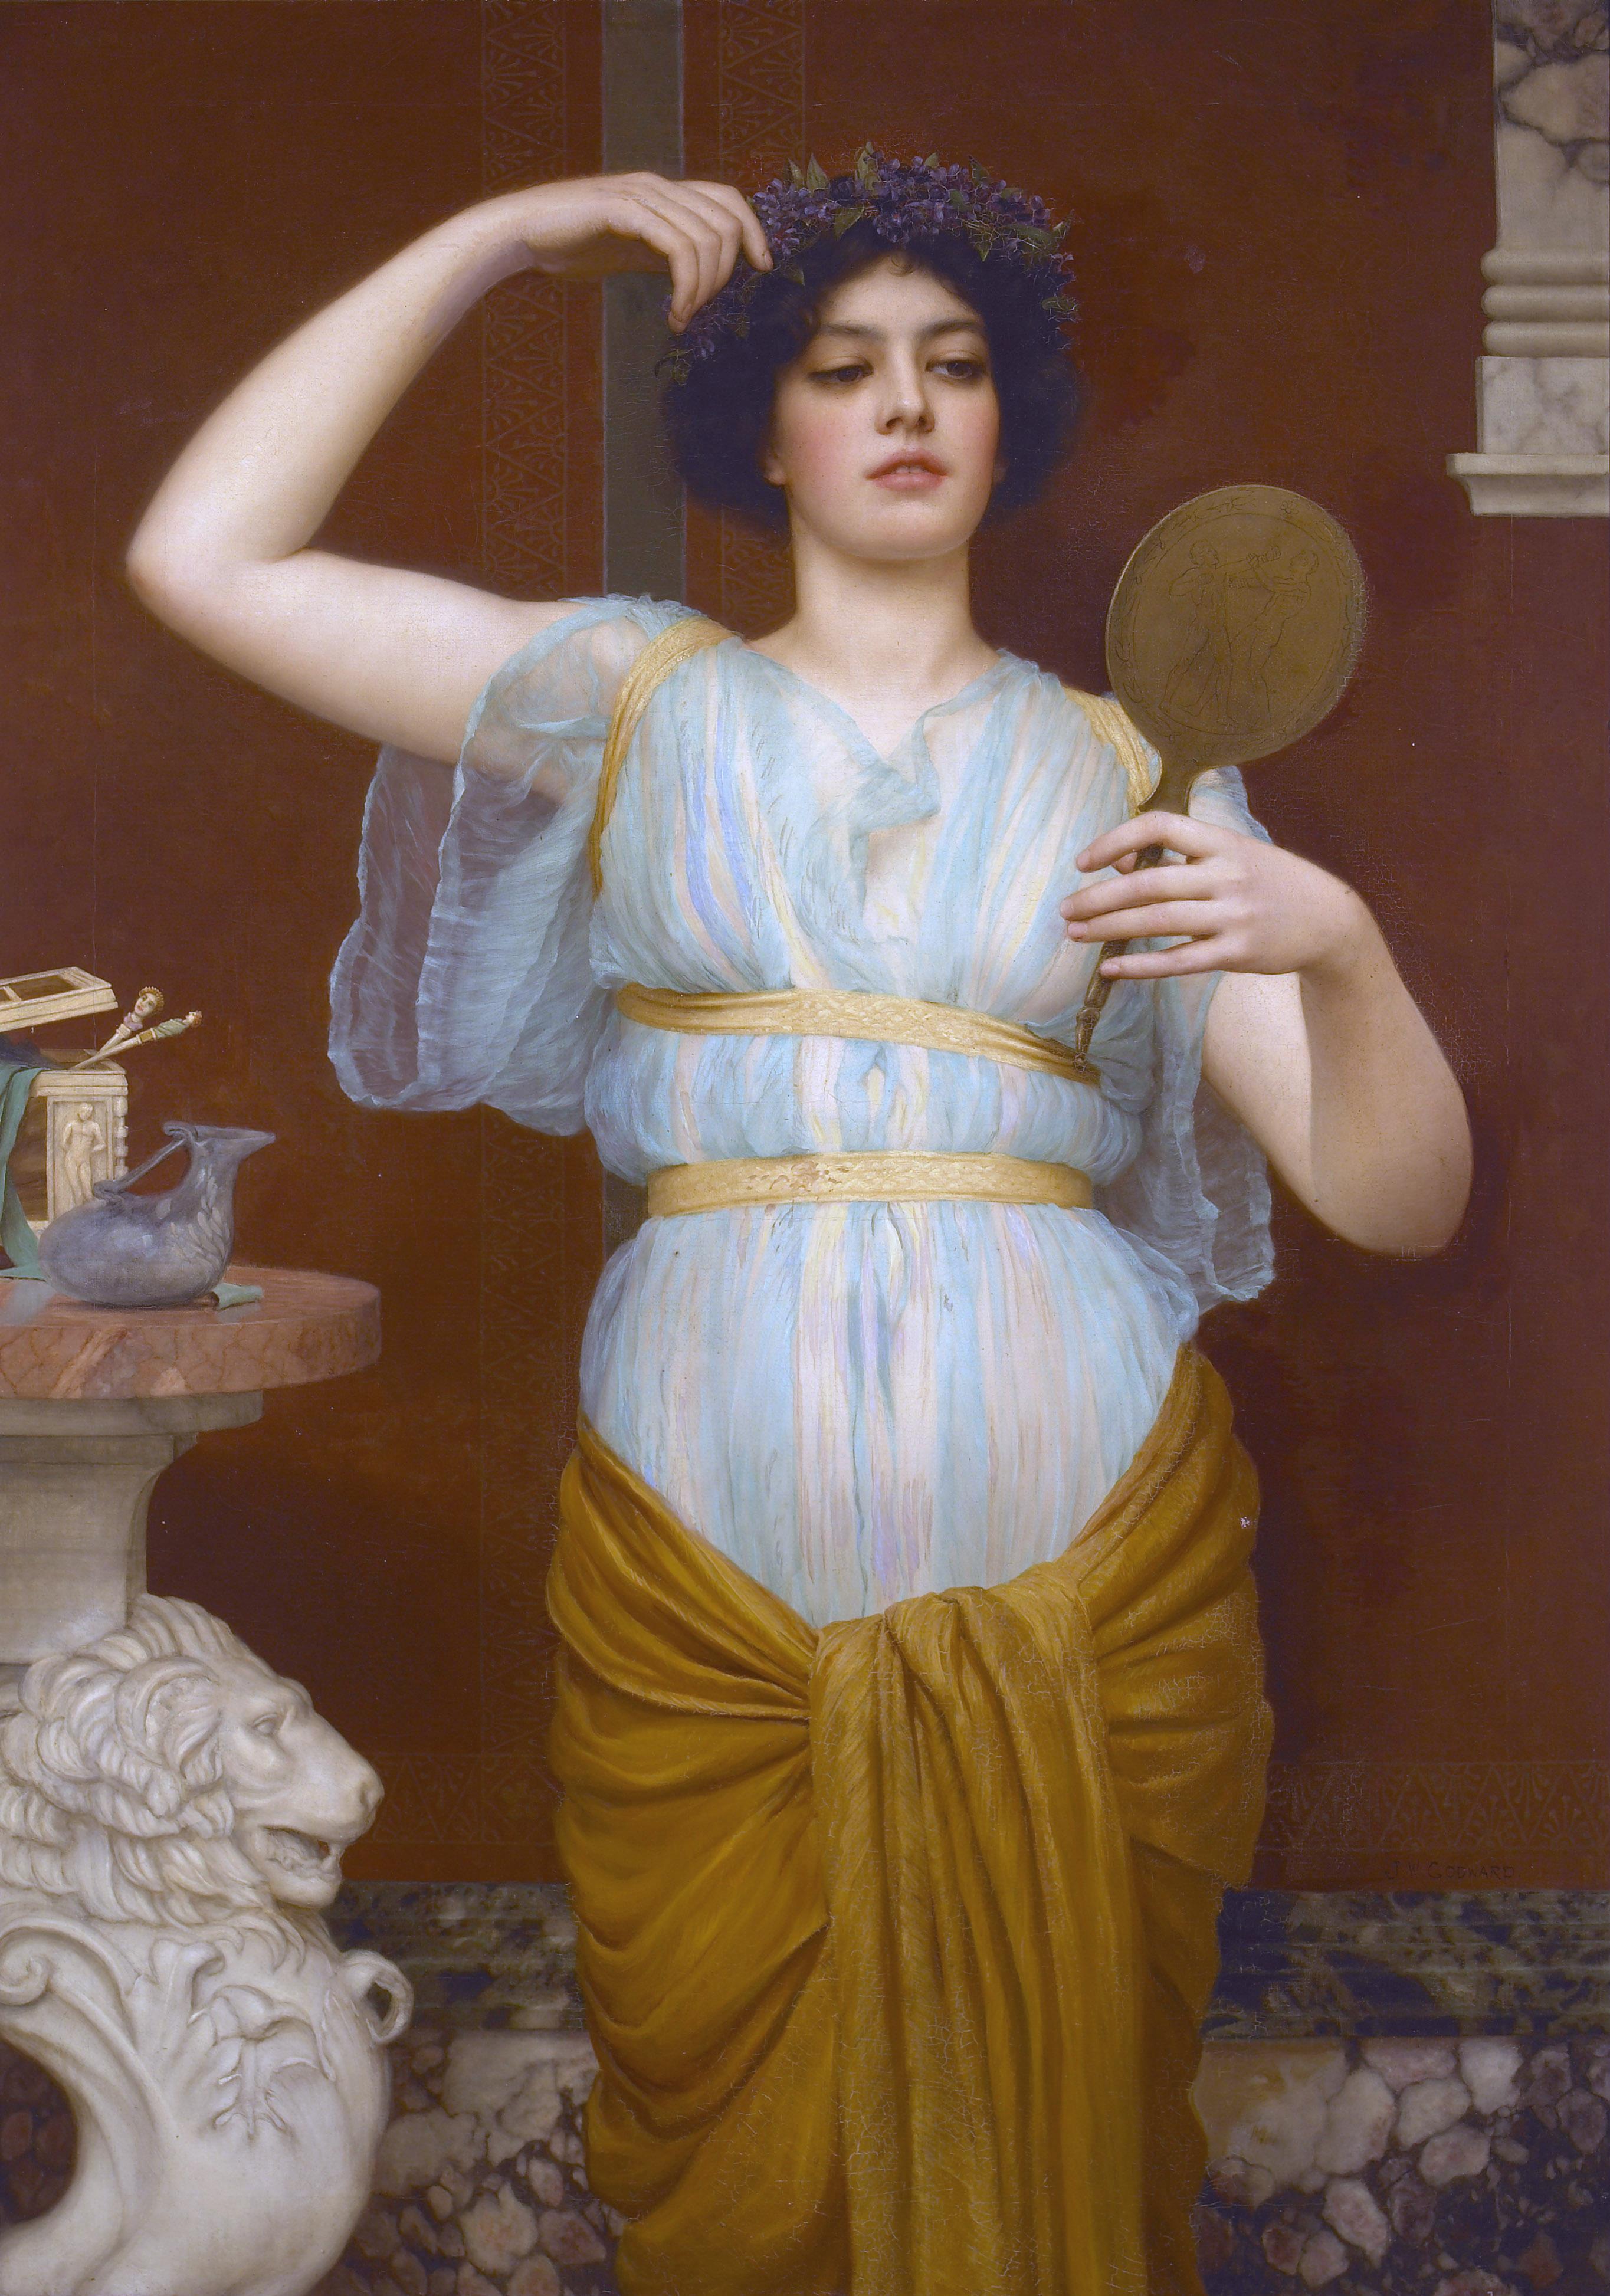 Как превратить фото в картину античности